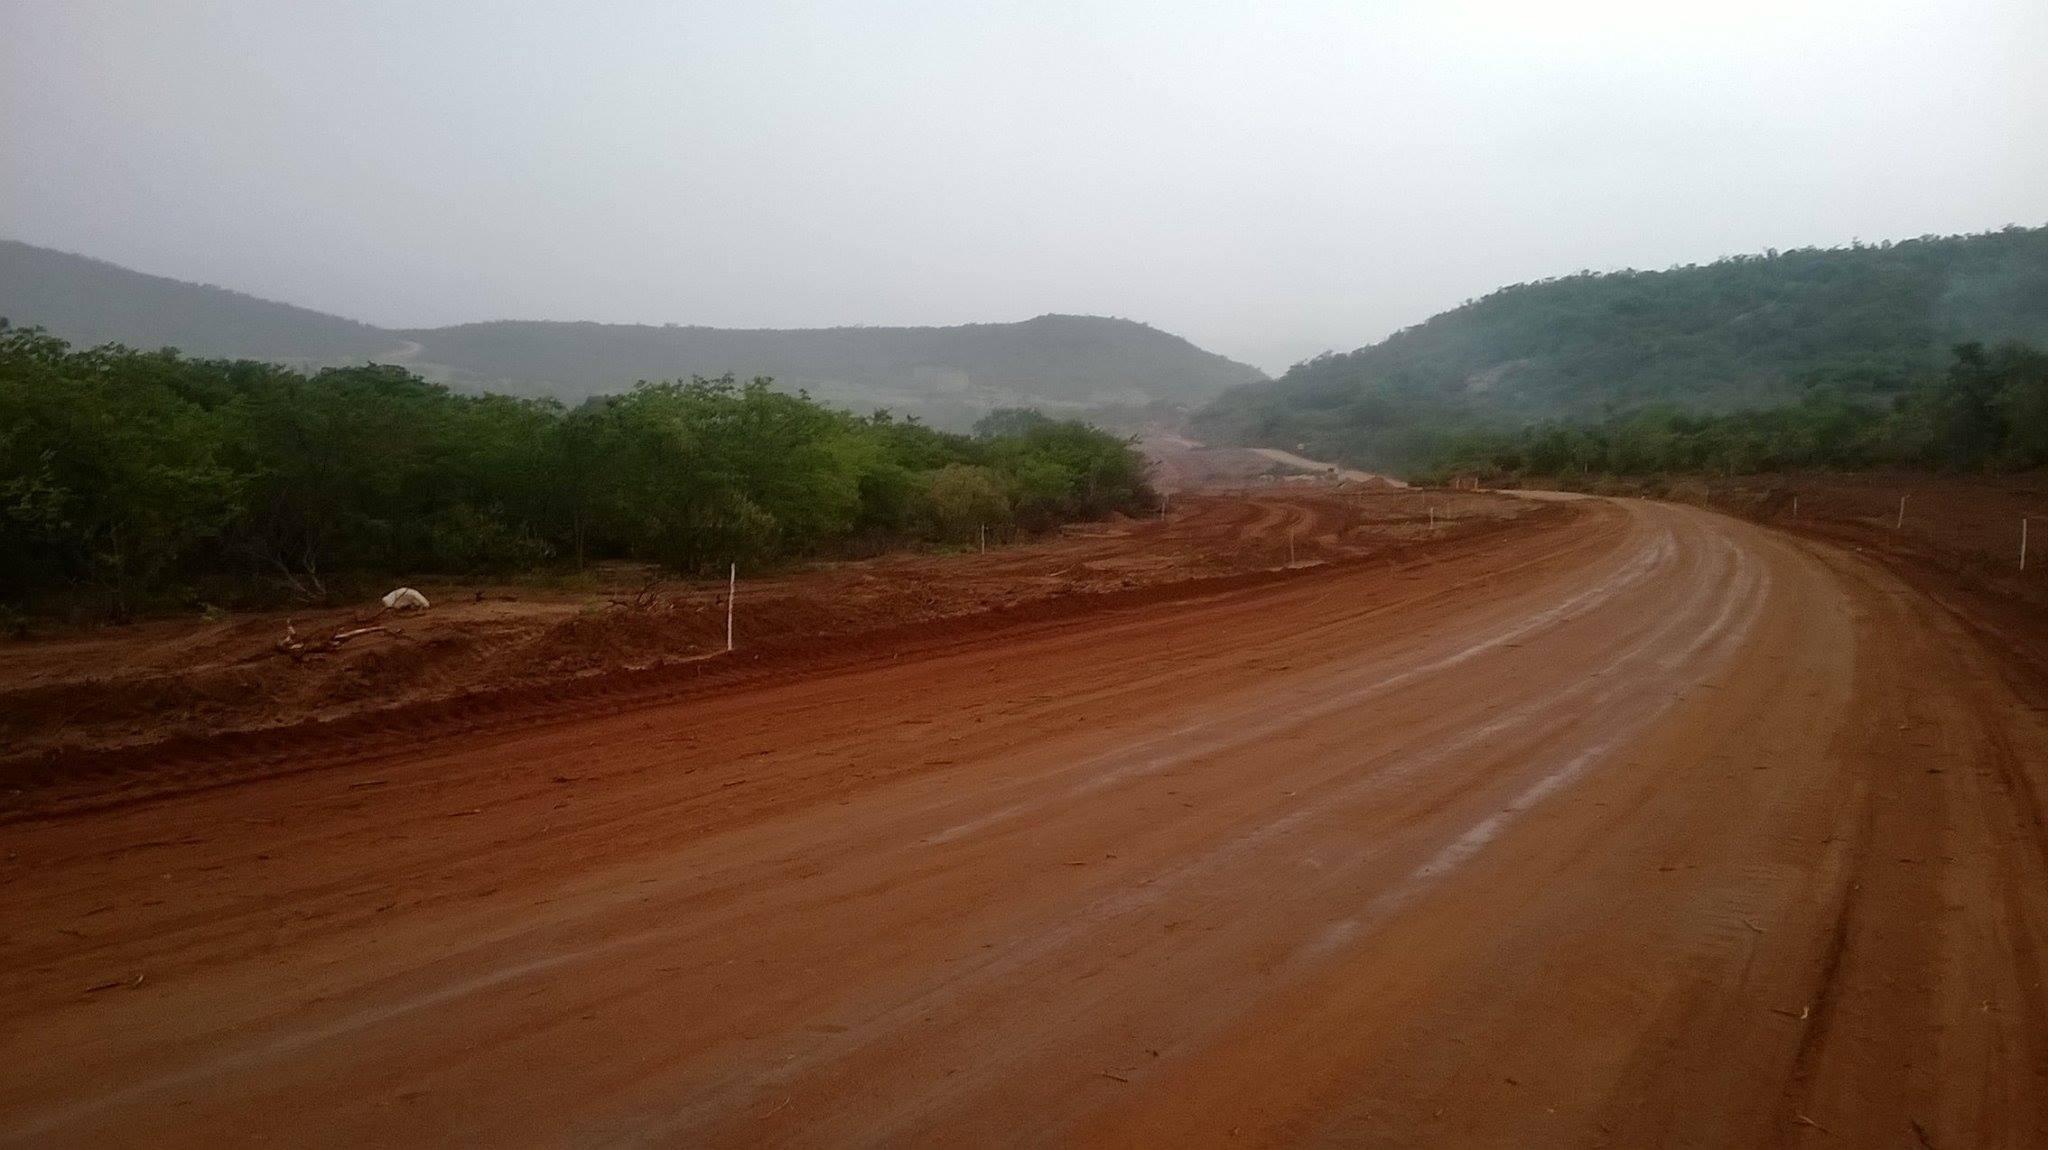 Fotos-uit-de-regio-van-Ibitiara-en-Seabra-aan-de-grote-BR-242-63